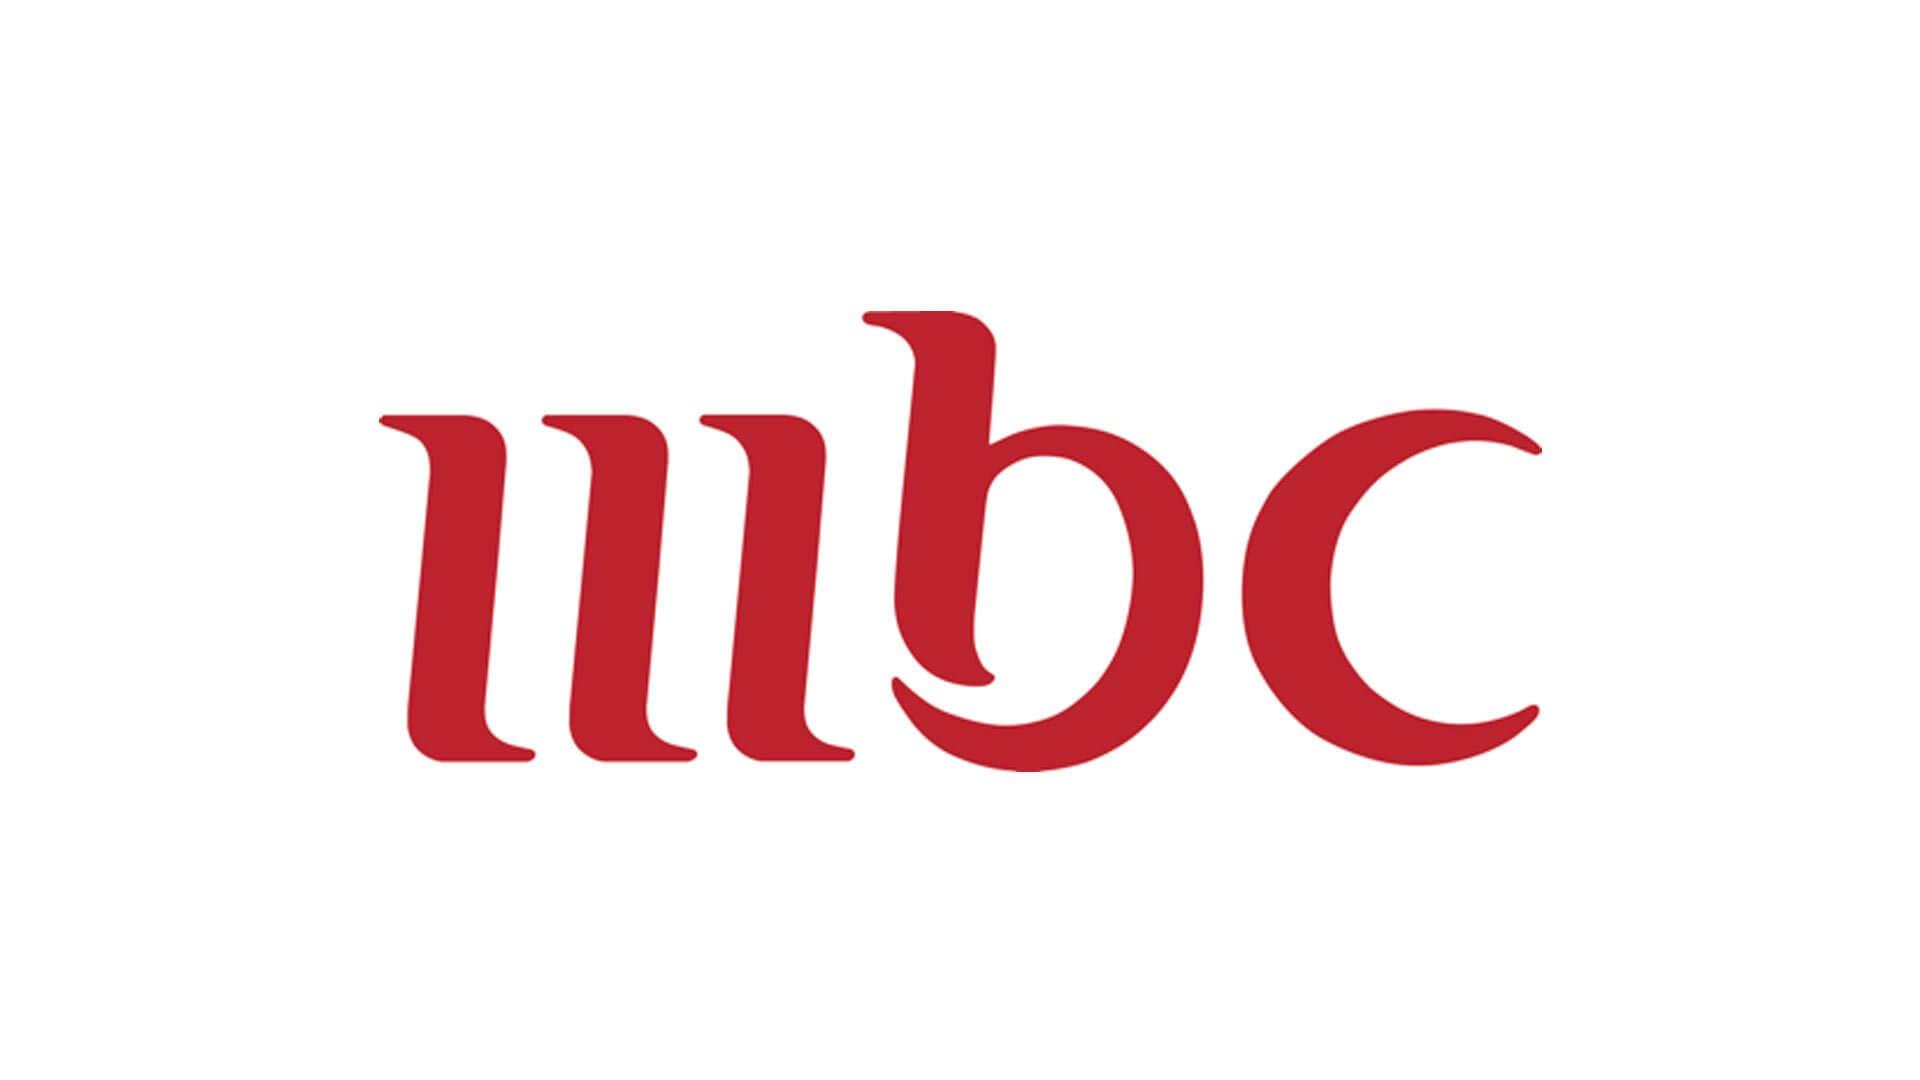 اعرف تردد قناة ام بي سي 1 الجديد على الأقمار الصناعية نايل سات وعرب سات / احدث تردد قنوات mbc 2020 لمتابعة كل جديد